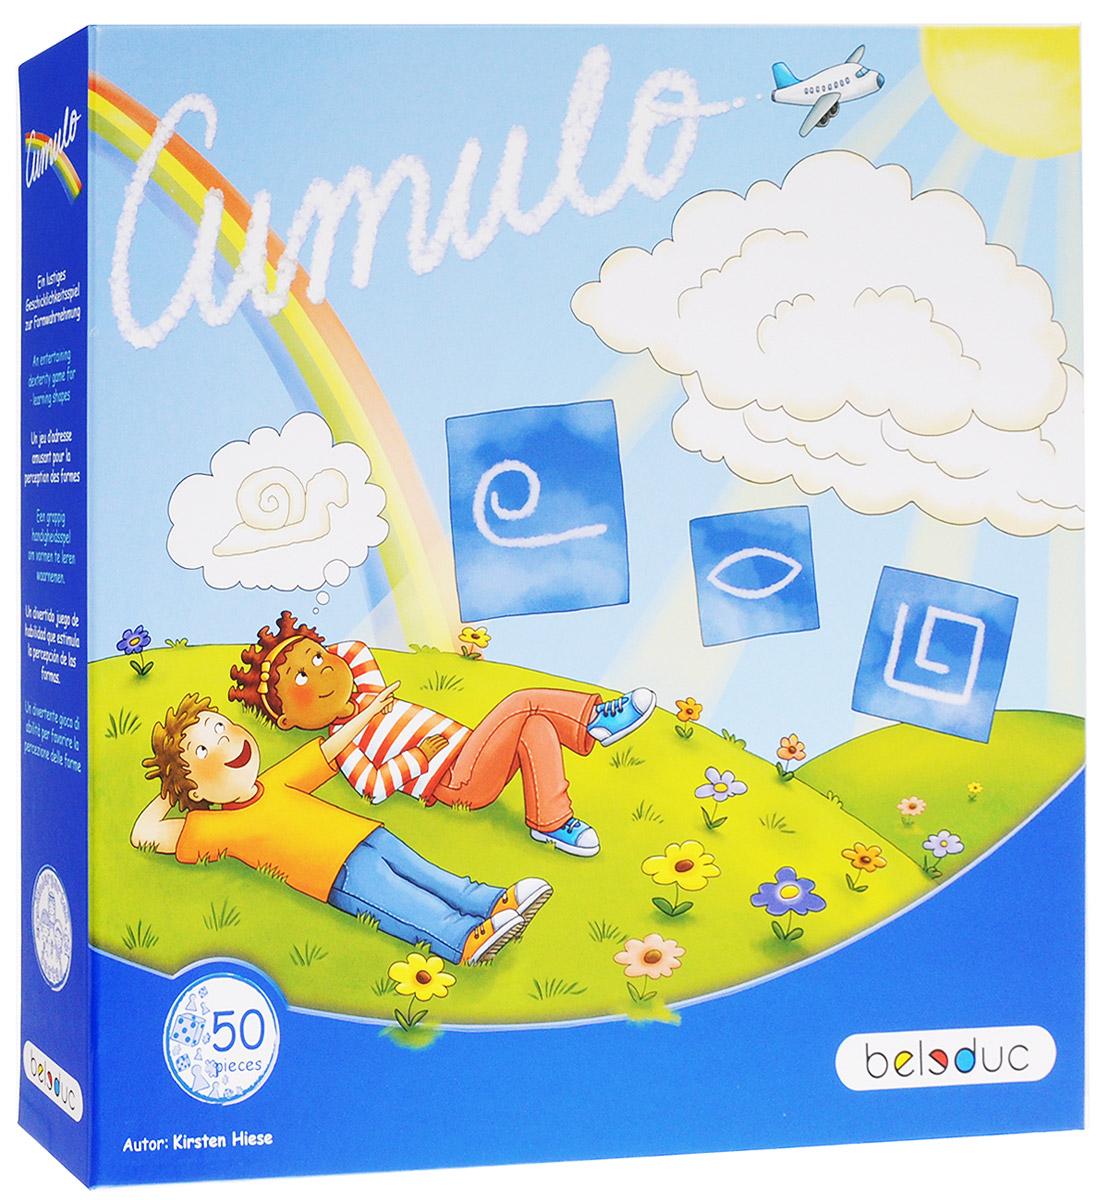 Beleduc Обучающая игра Кумуло22325Обучающая игра Beleduc Кумуло - увлекательная настольная игра для детей в возрасте от 4 лет. В процессе игры дети изучают геометрические фигуры на примере облаков различных форм. Хорошее зрительное восприятие поможет игрокам искать и узнавать различные фигуры. Включив воображение, можно увидеть в простых формах удивительные предметы и придумать о них истории. Игра способствует развитию фантазии. Наступил замечательный летний день. Кругом голубое небо. Но вдруг неожиданно собираются тучи. Начинается сильный дождь и штормовой ветер. К счастью, ураган вскоре утихает и когда начинает светить солнце, появляется радуга. Дети выбегают на улицу. Они смотрят на причудливые формы облаков и распознают в них удивительные предметы. На картонных карточках изображены формы, которые нужно воспроизвести с помощью цепи. Остальные игроки ищут соответствующие формы на деревянных карточках. Тот, кто найдет первым, забирает карточку себе. В зависимости от версии игры, человек, который...